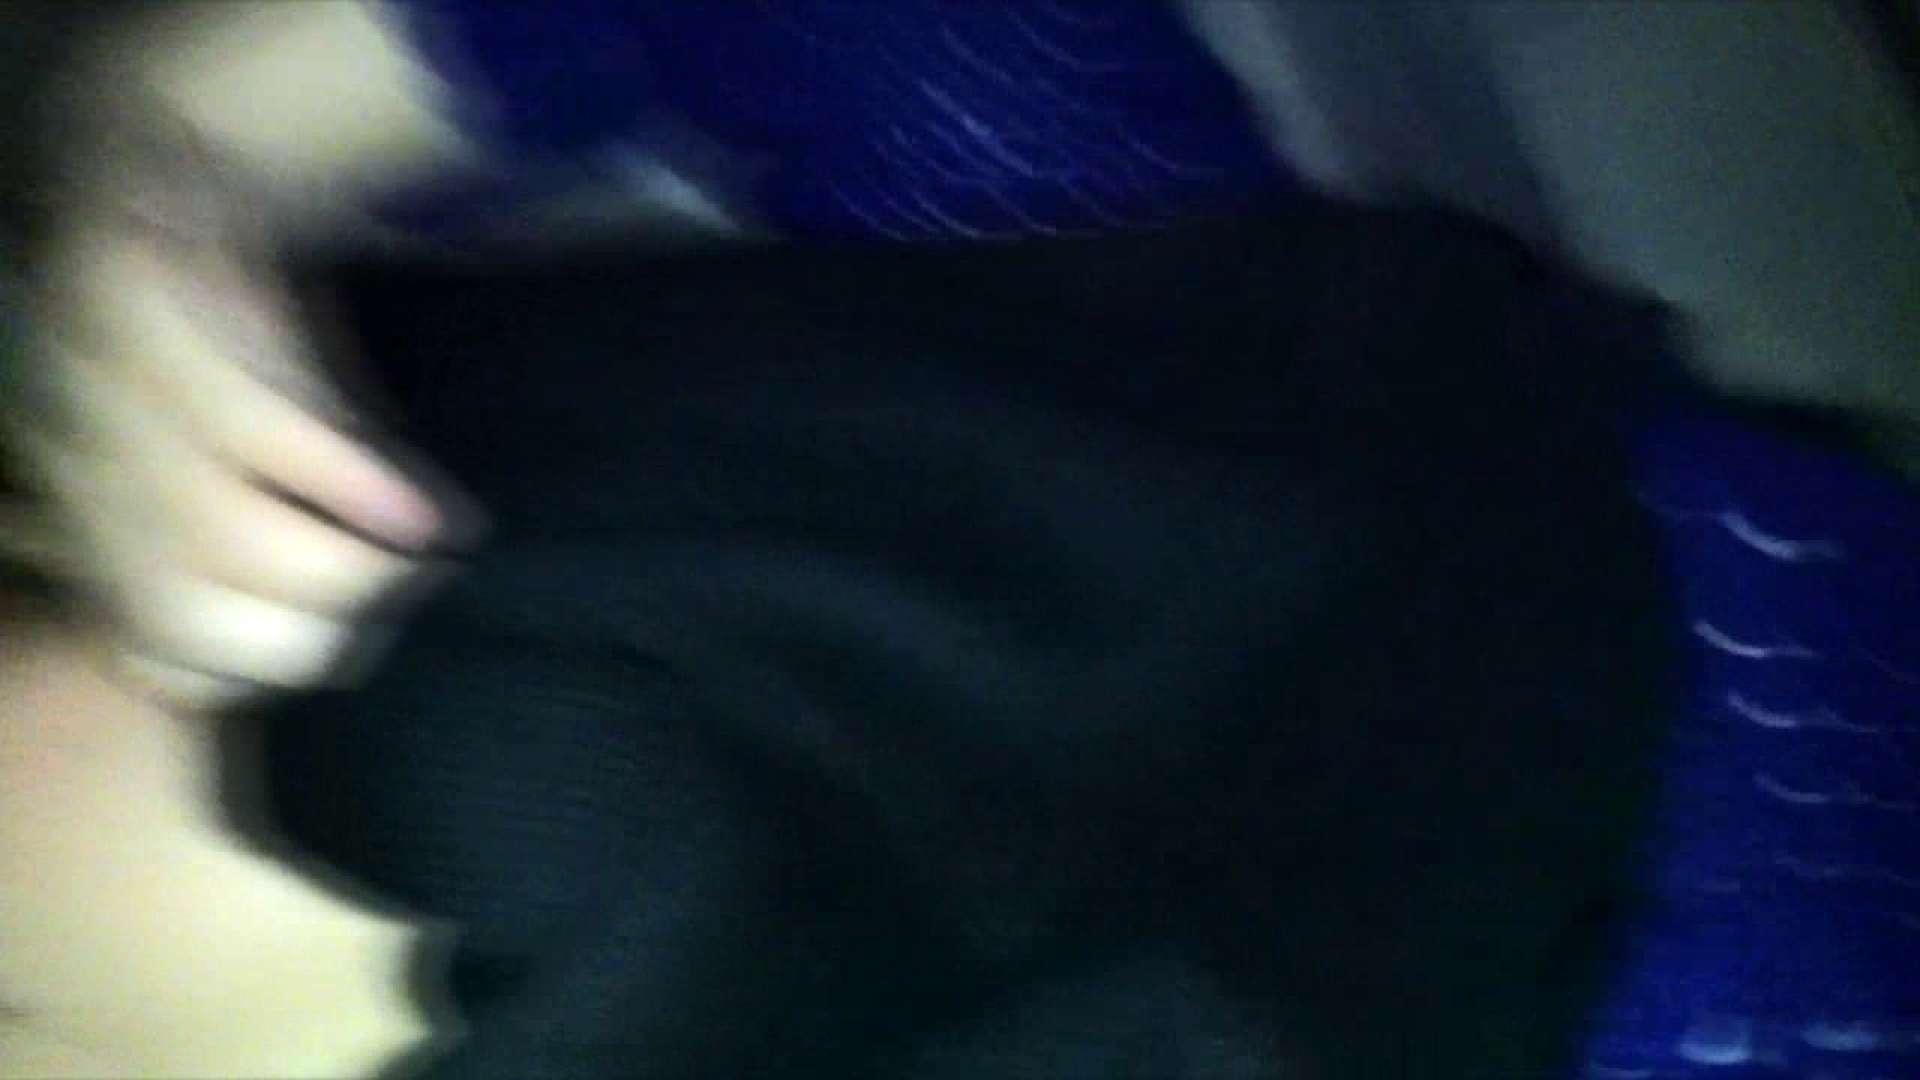 vol.22 【YHちゃん】パルコ店員20歳 mixiオフ会で いじくりマンコ   女子大生  87画像 46